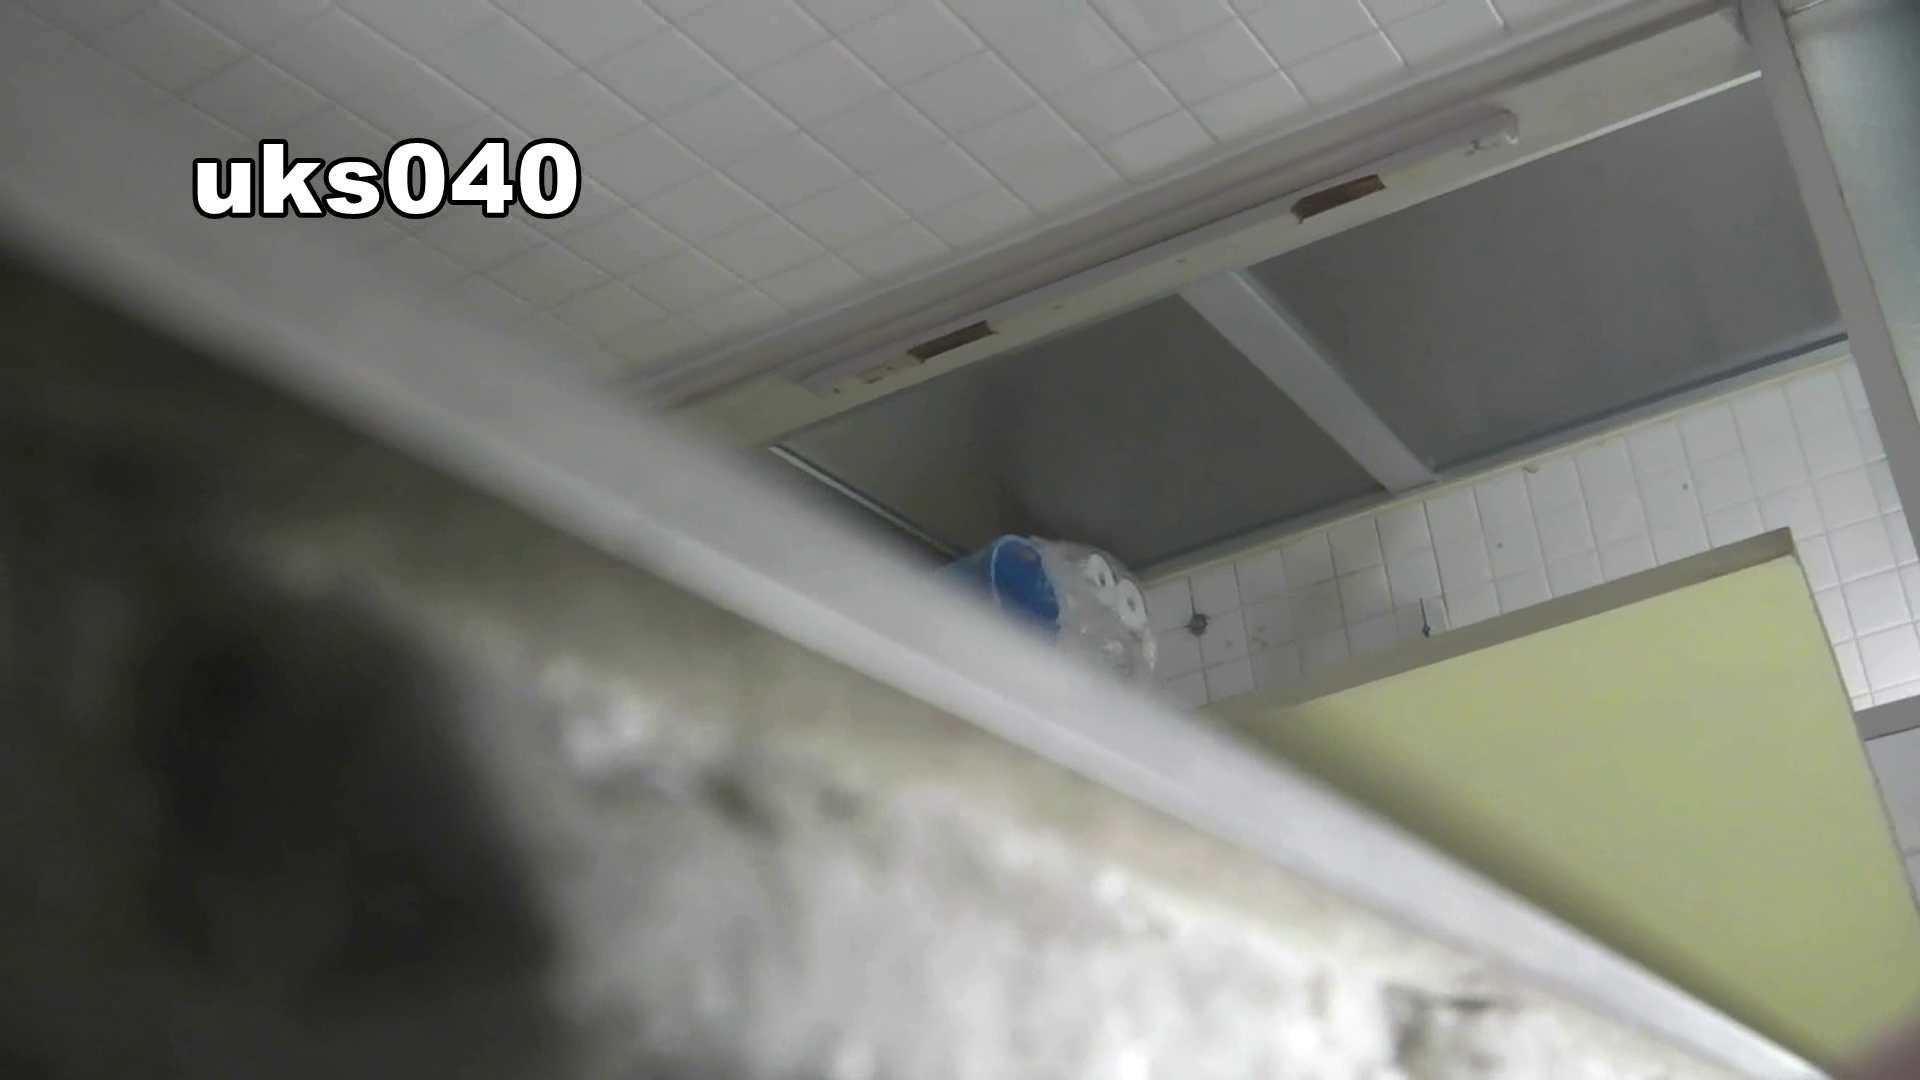 【美しき個室な世界】 vol.040 出て行かれる時の清楚姿撮り 高画質  88PIX 86